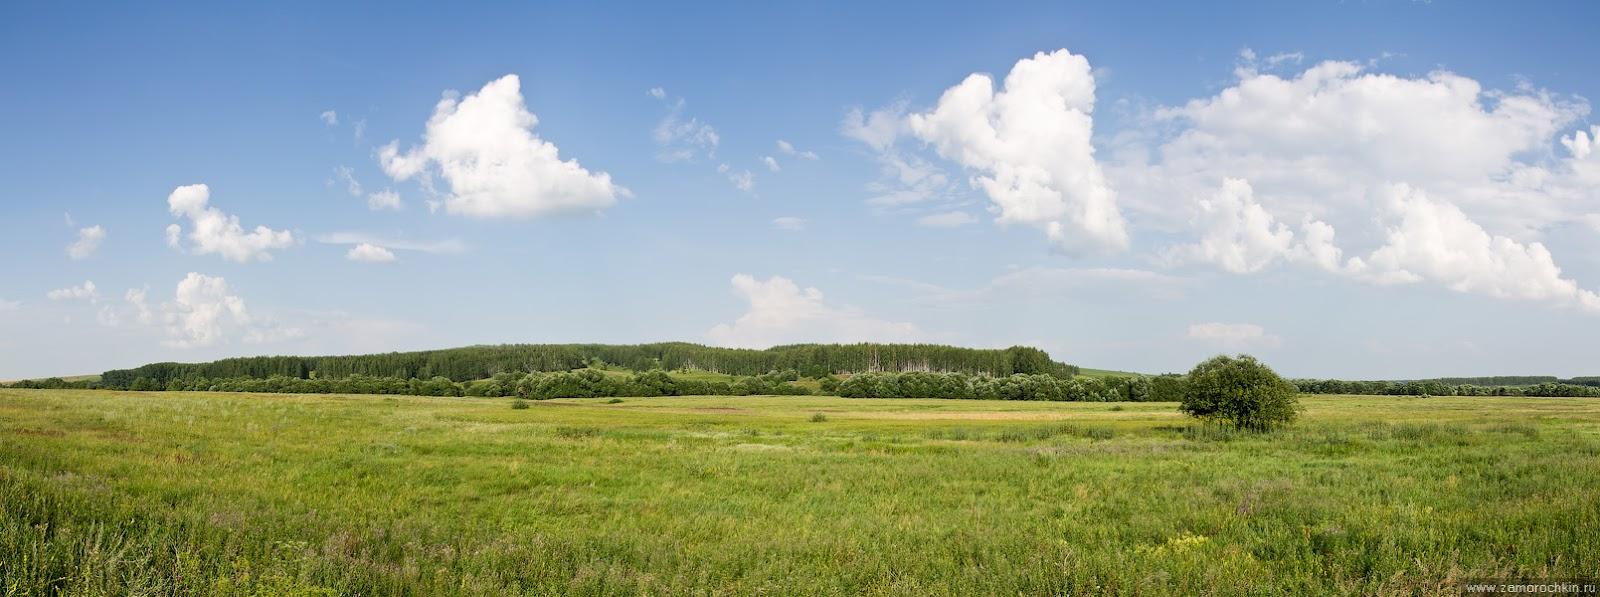 Пейзаж близ села Новые Турдаки (панорама из 5 кадров)